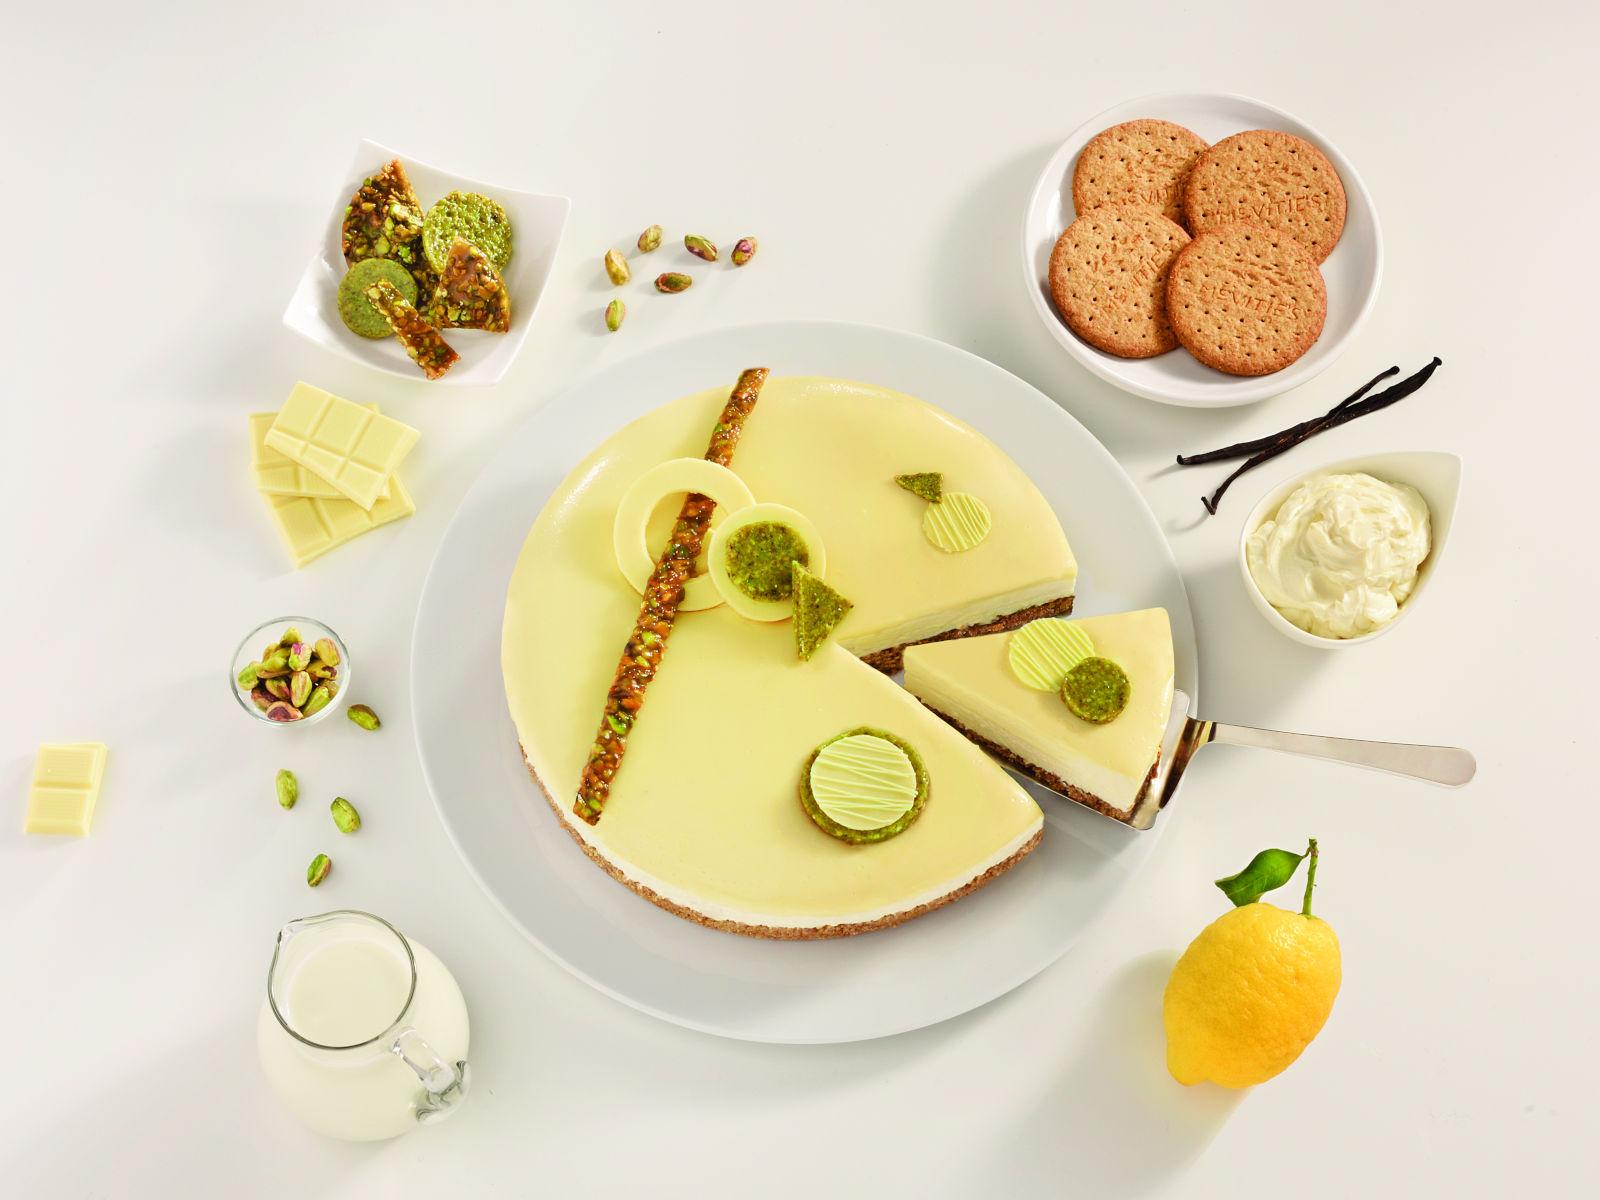 Cheesecake cioccolato bianco e pistacchio